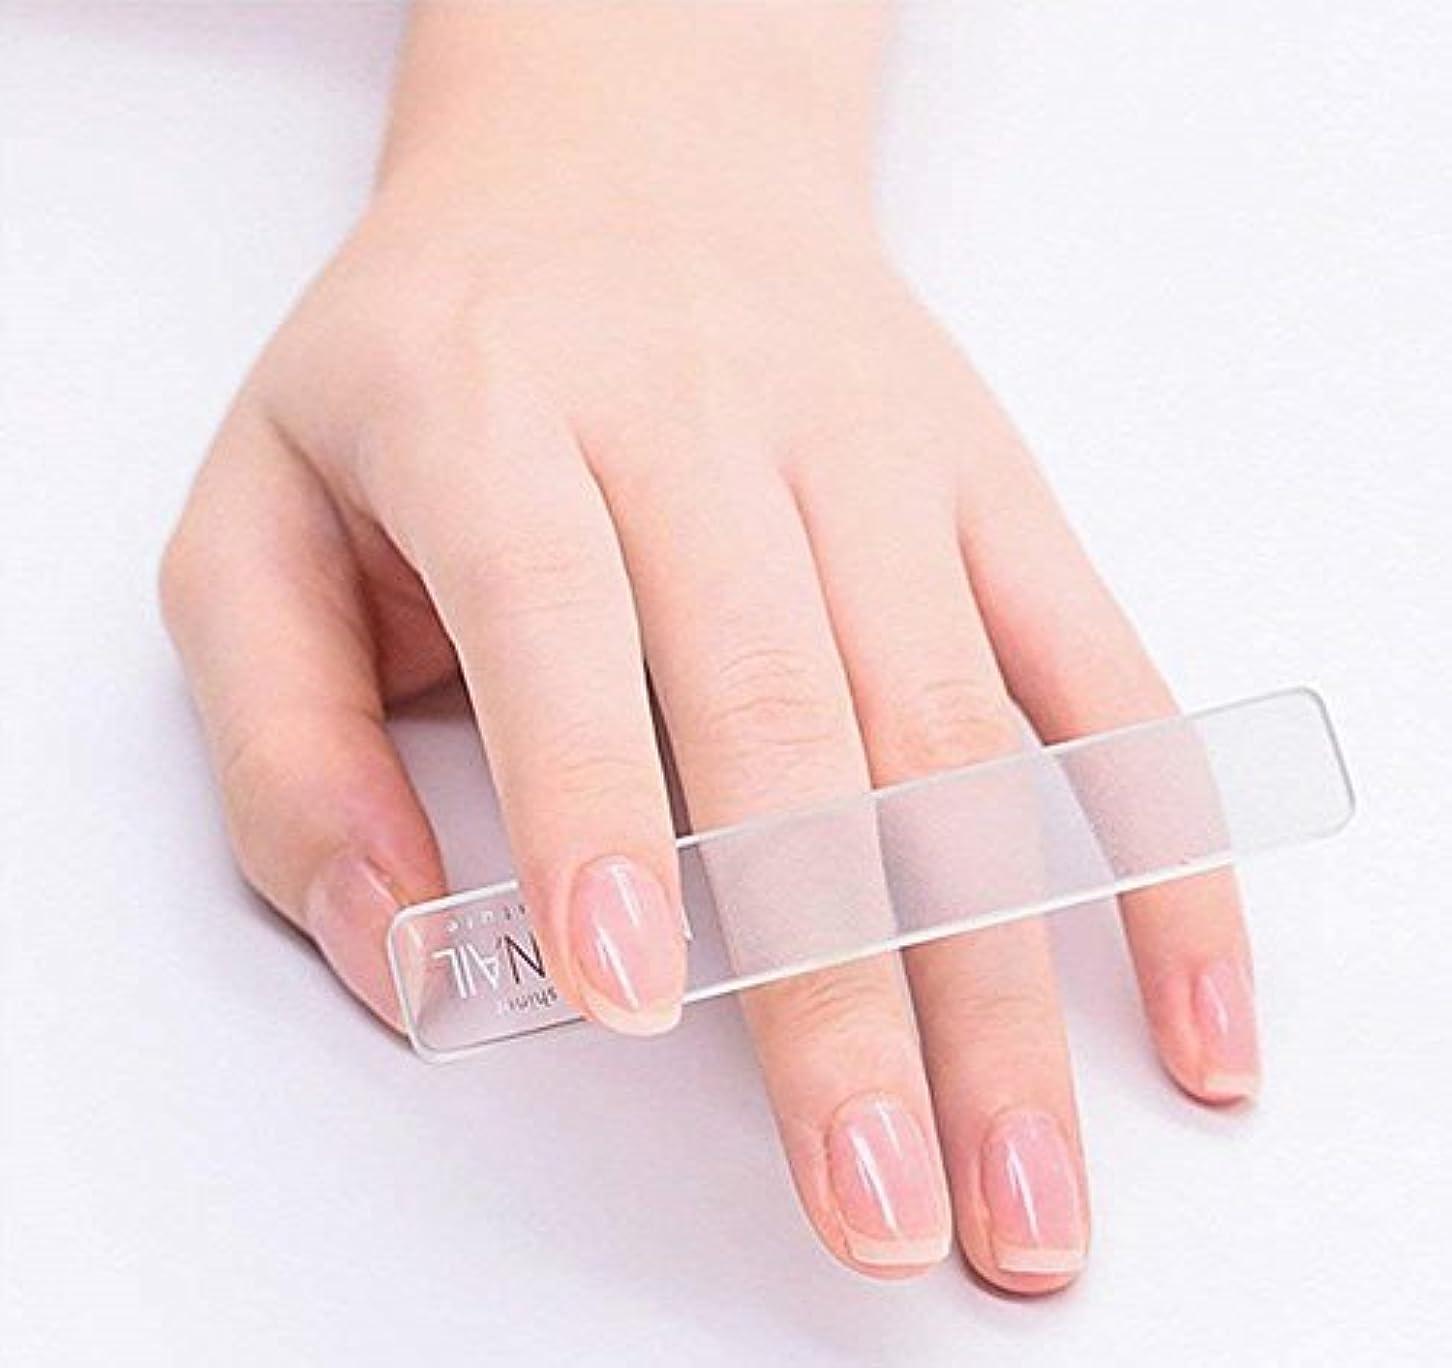 北東大学少なくともSmartRICH ガラス製ネイルファイル ネイル, 透明ガラスNano研磨 絶妙 爪やすり 爪磨き 立体ナノネイルファイル ネイルケア用品 美しい指先 光沢長持ち